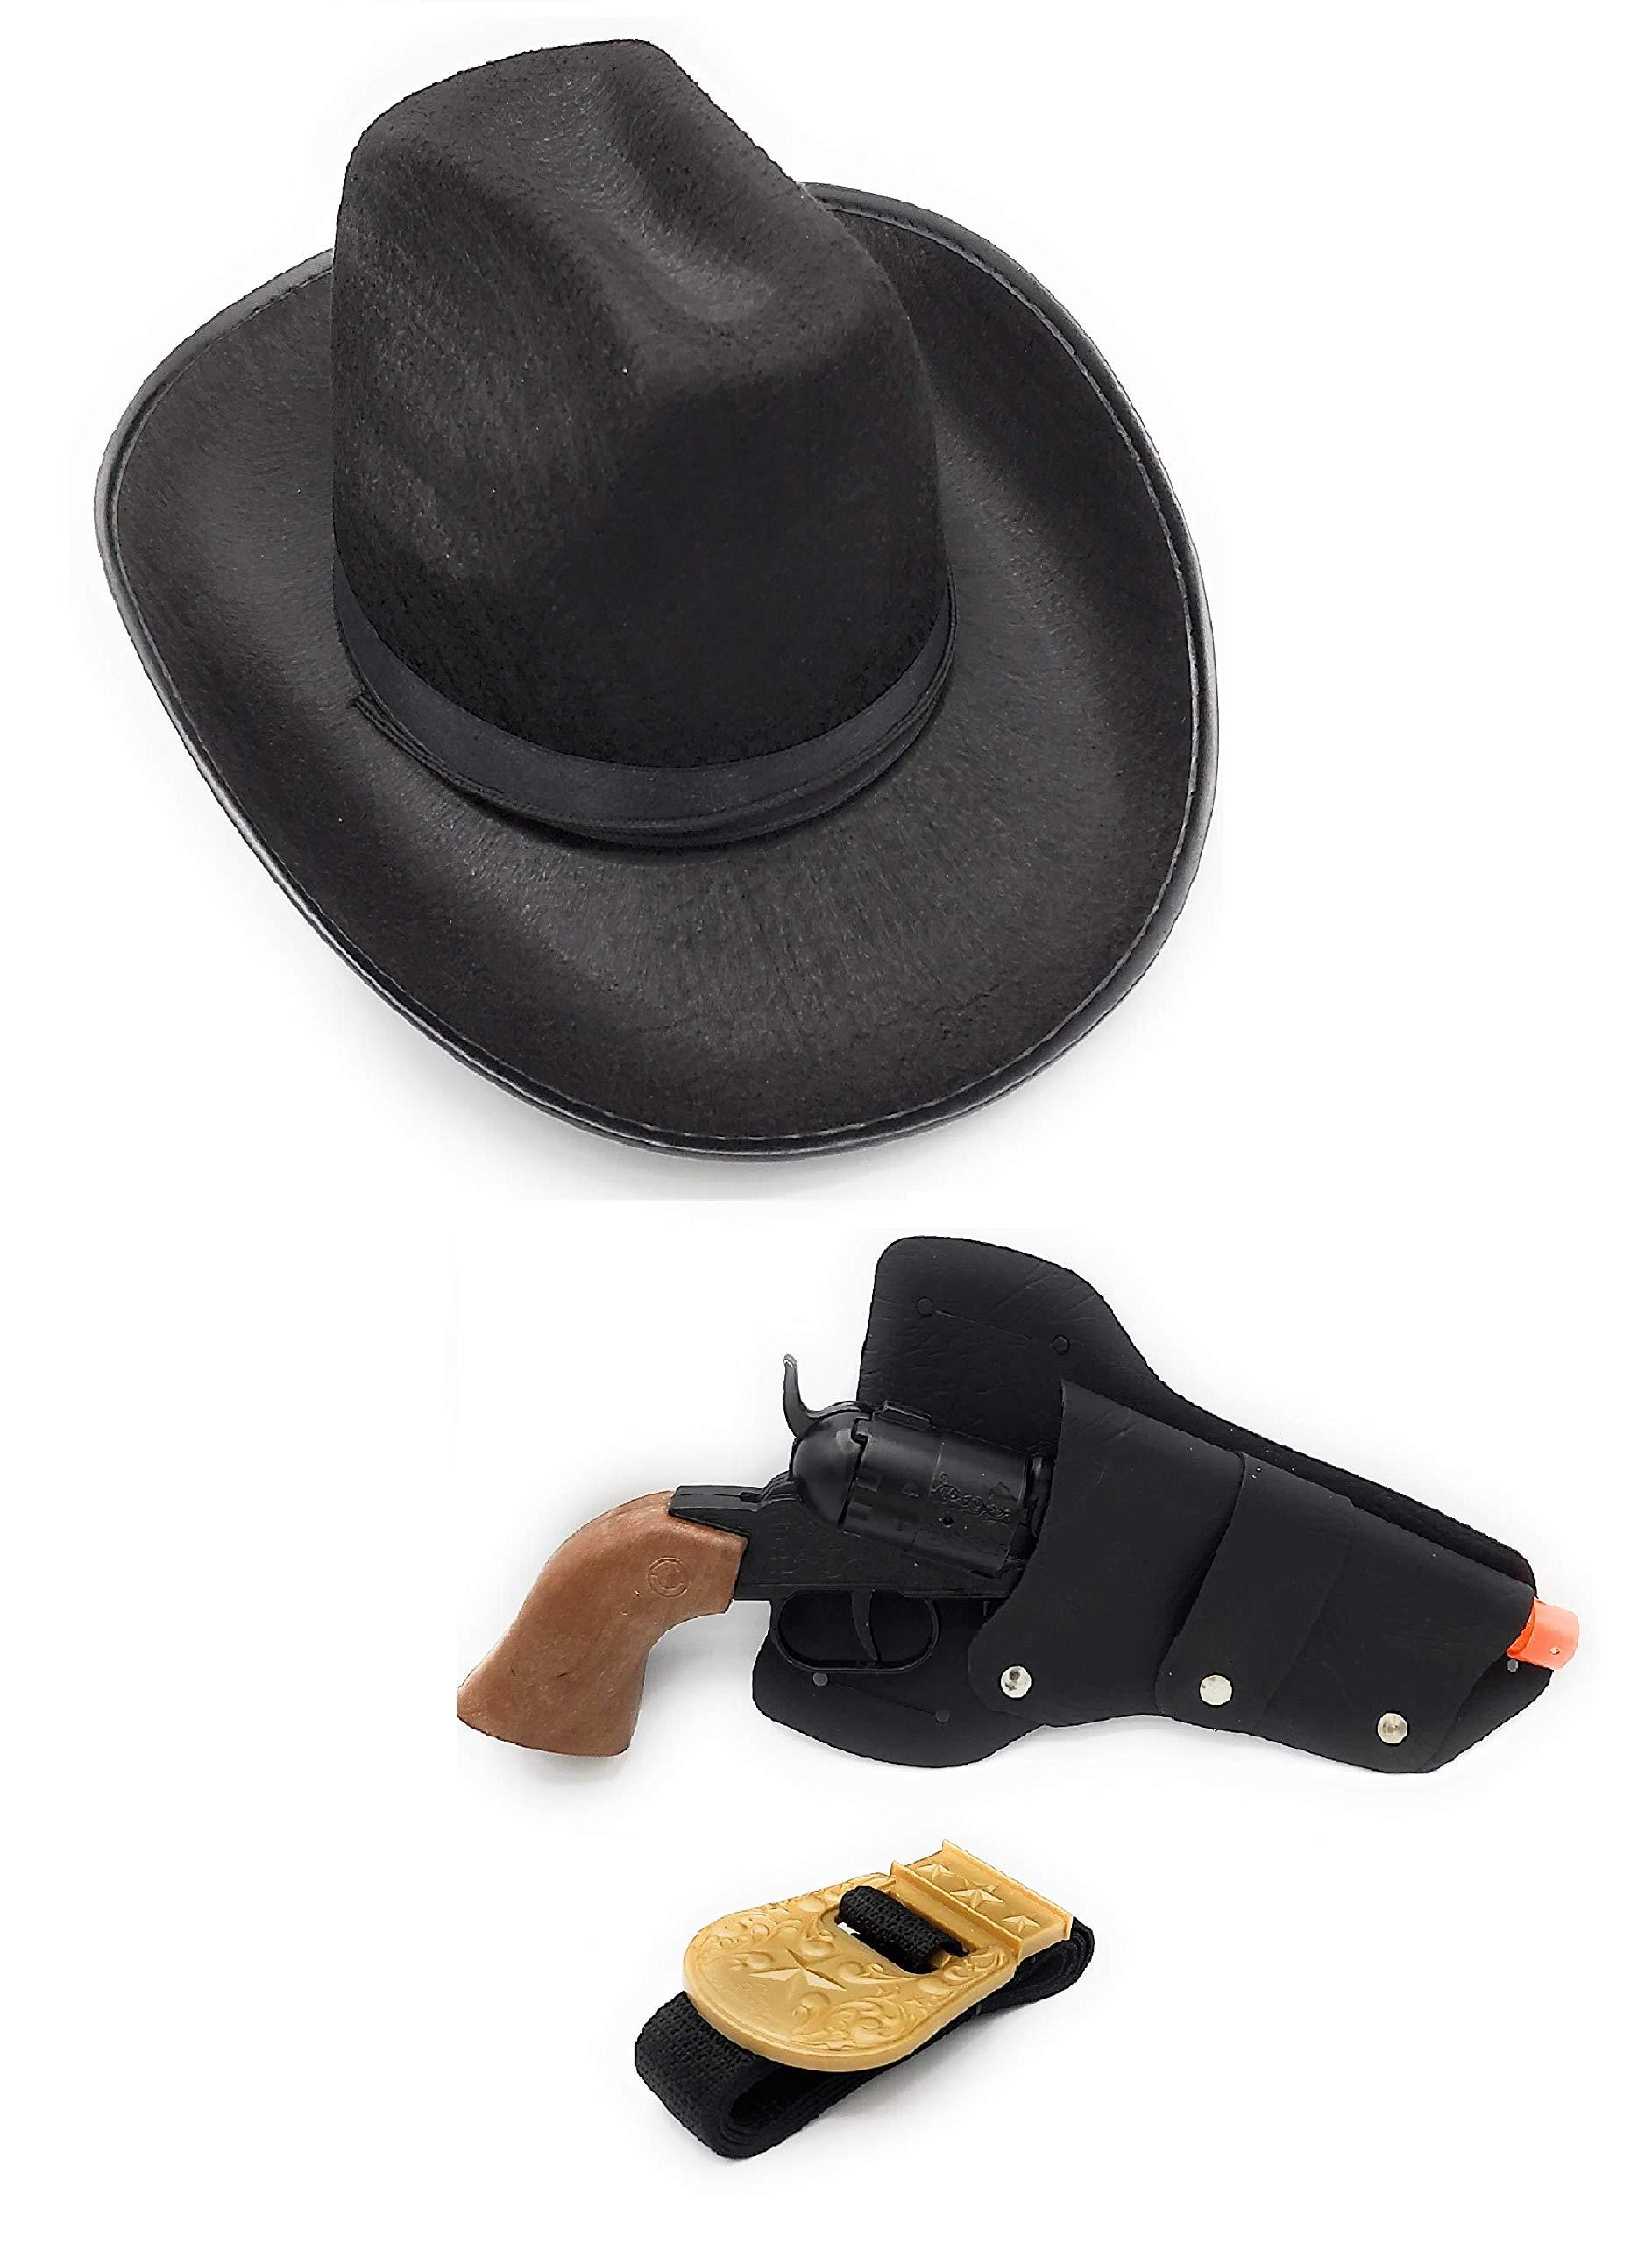 Toy Cap Gun Replica Revolver